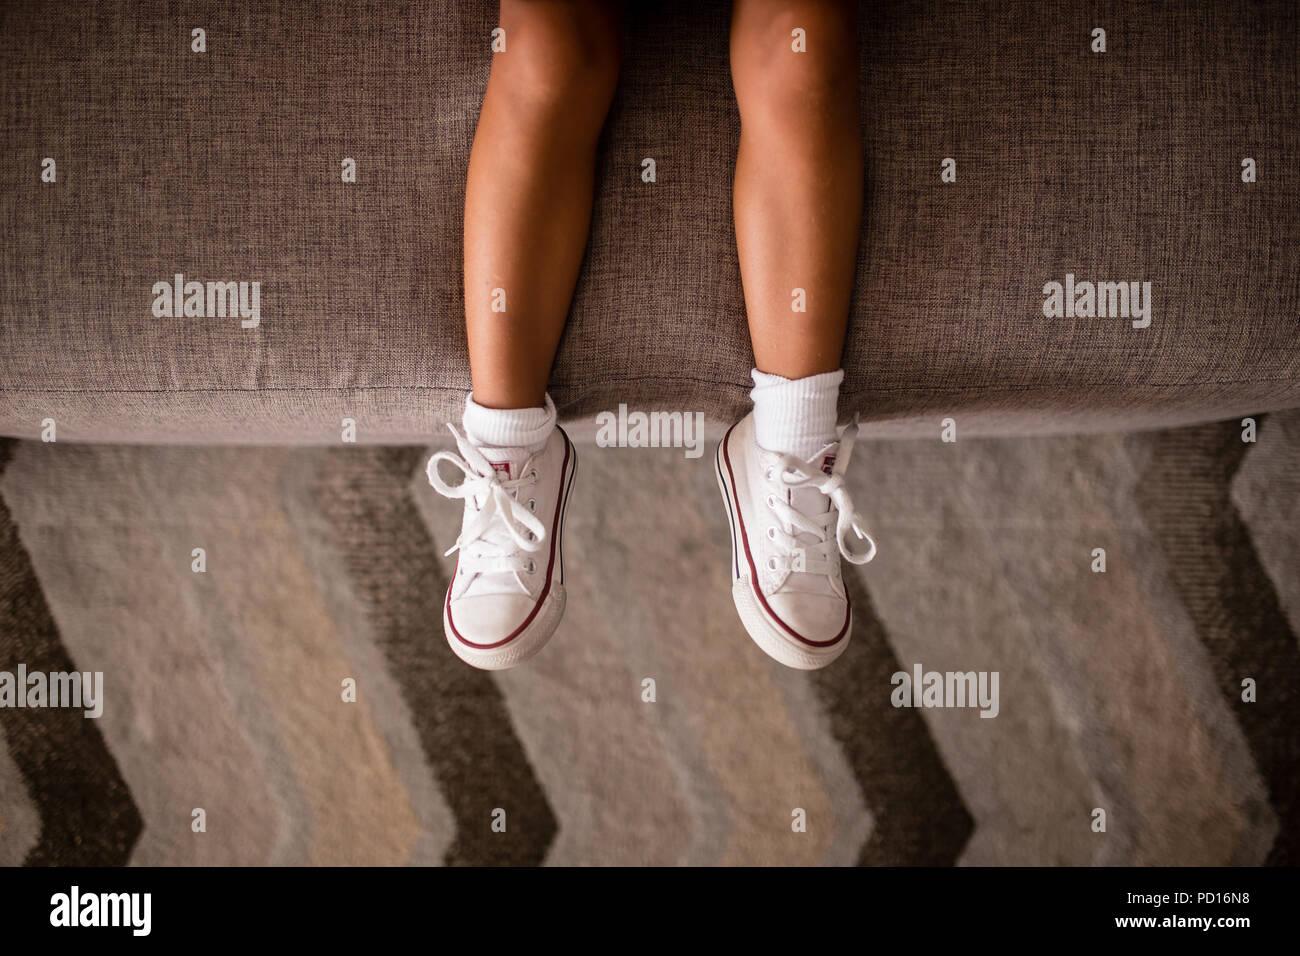 f1b63ec179 Las niñas las piernas en el sofá con zapatos blancos con detalles en rojo.  Patrón